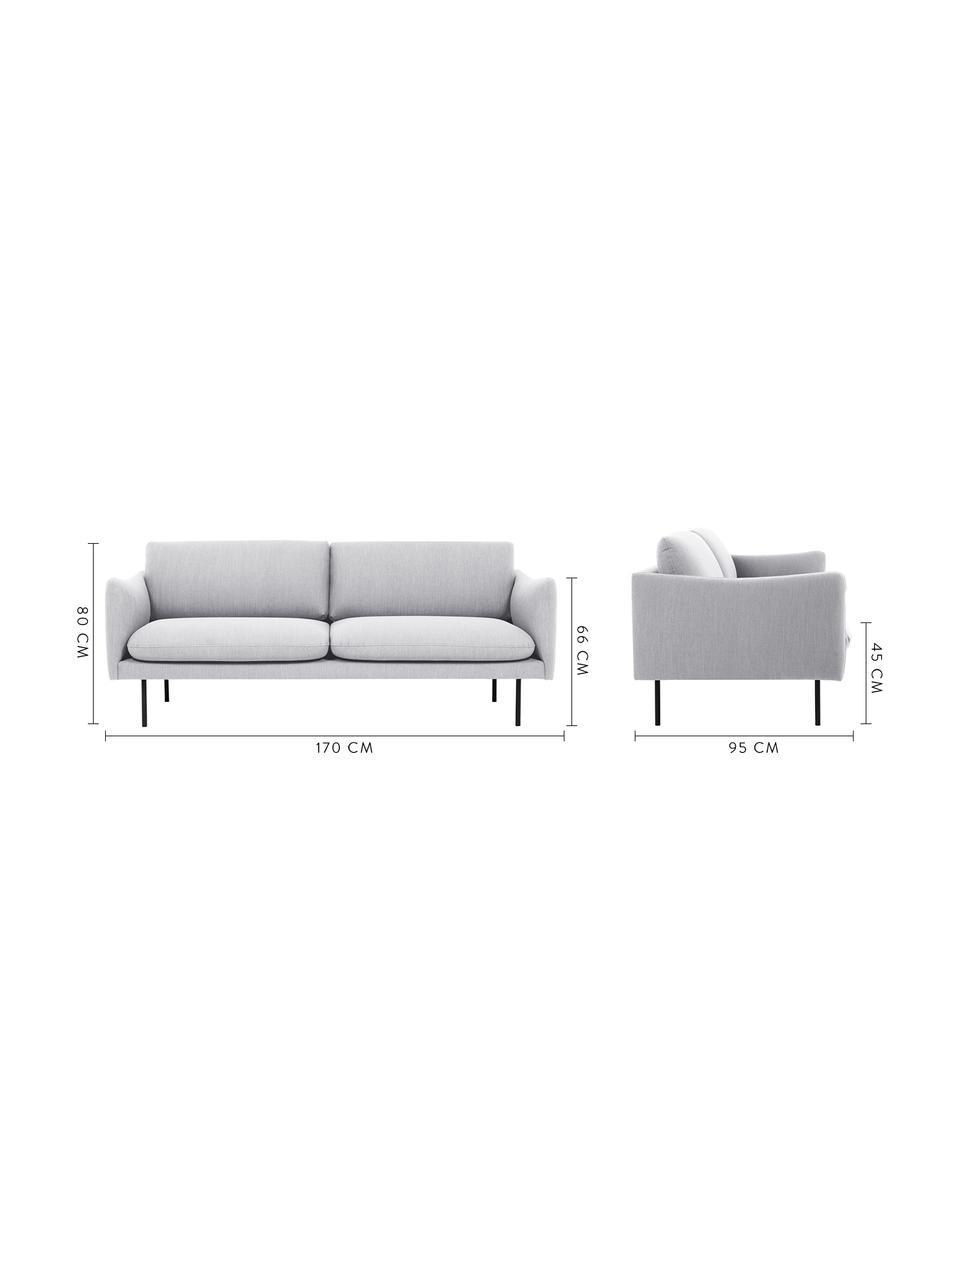 Sofa Moby (2-Sitzer) in Hellgrau mit Metall-Füßen, Bezug: Polyester Der hochwertige, Gestell: Massives Kiefernholz, Füße: Metall, pulverbeschichtet, Webstoff Hellgrau, B 170 x T 95 cm